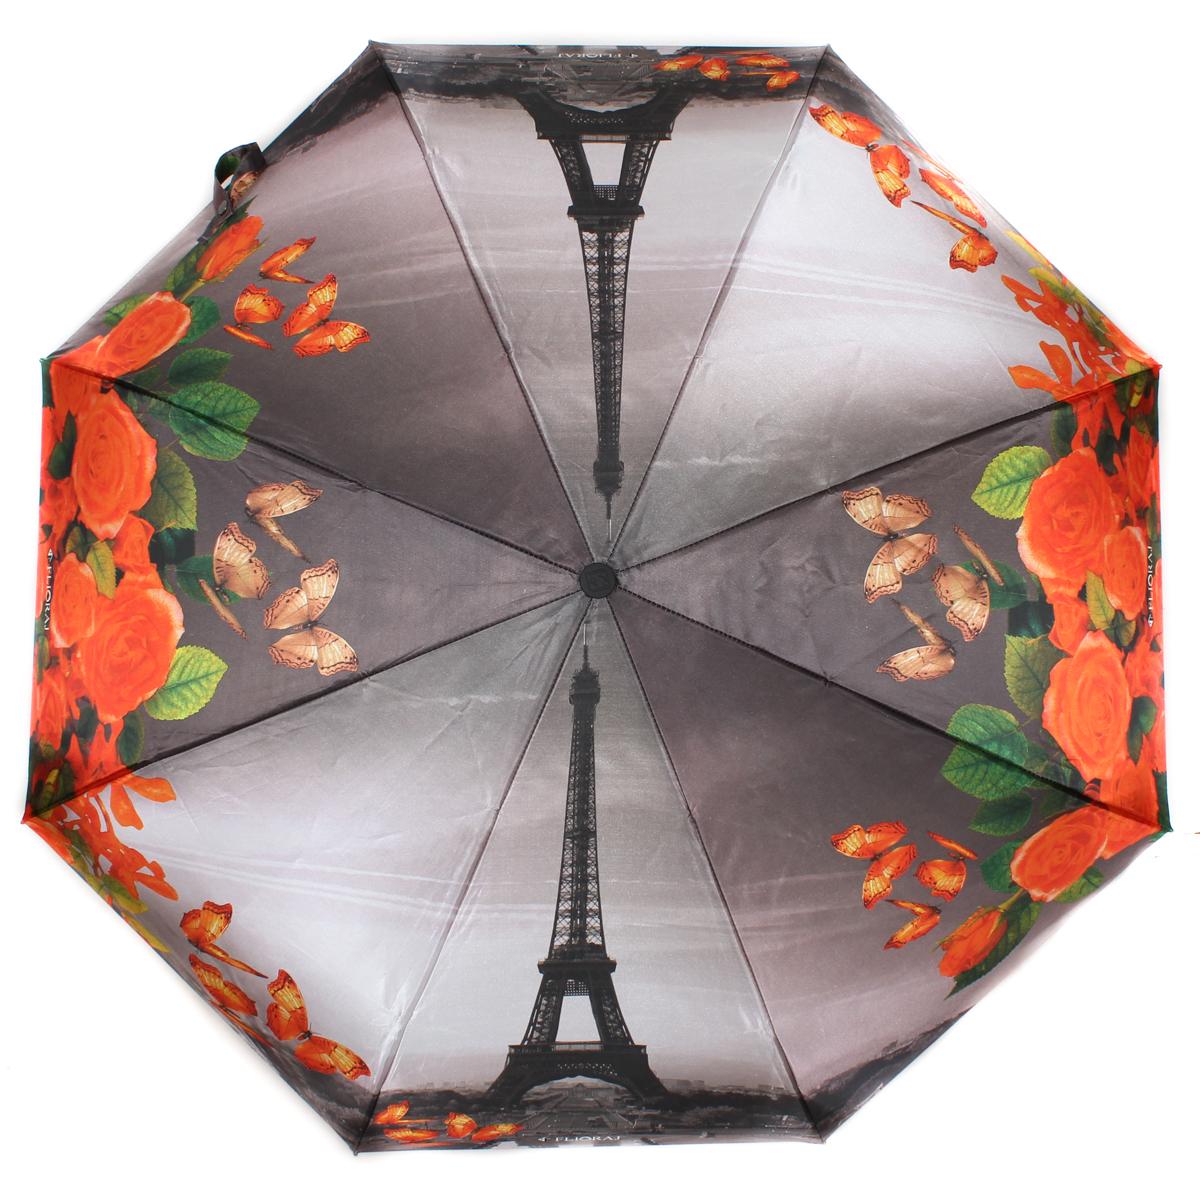 Зонт женский Flioraj, автомат, 3 сложения, цвет: серый, оранжевый. 231219 FJ231219 FJПариж, цветы, весна… и все это всегда рядом, в сумочке! Женский зонтик с элегантным и при этом нежным рисунком добавит необычайную легкость вашему облику. Уникальные материалы повышенной прочности надежно защитят в непогоду.